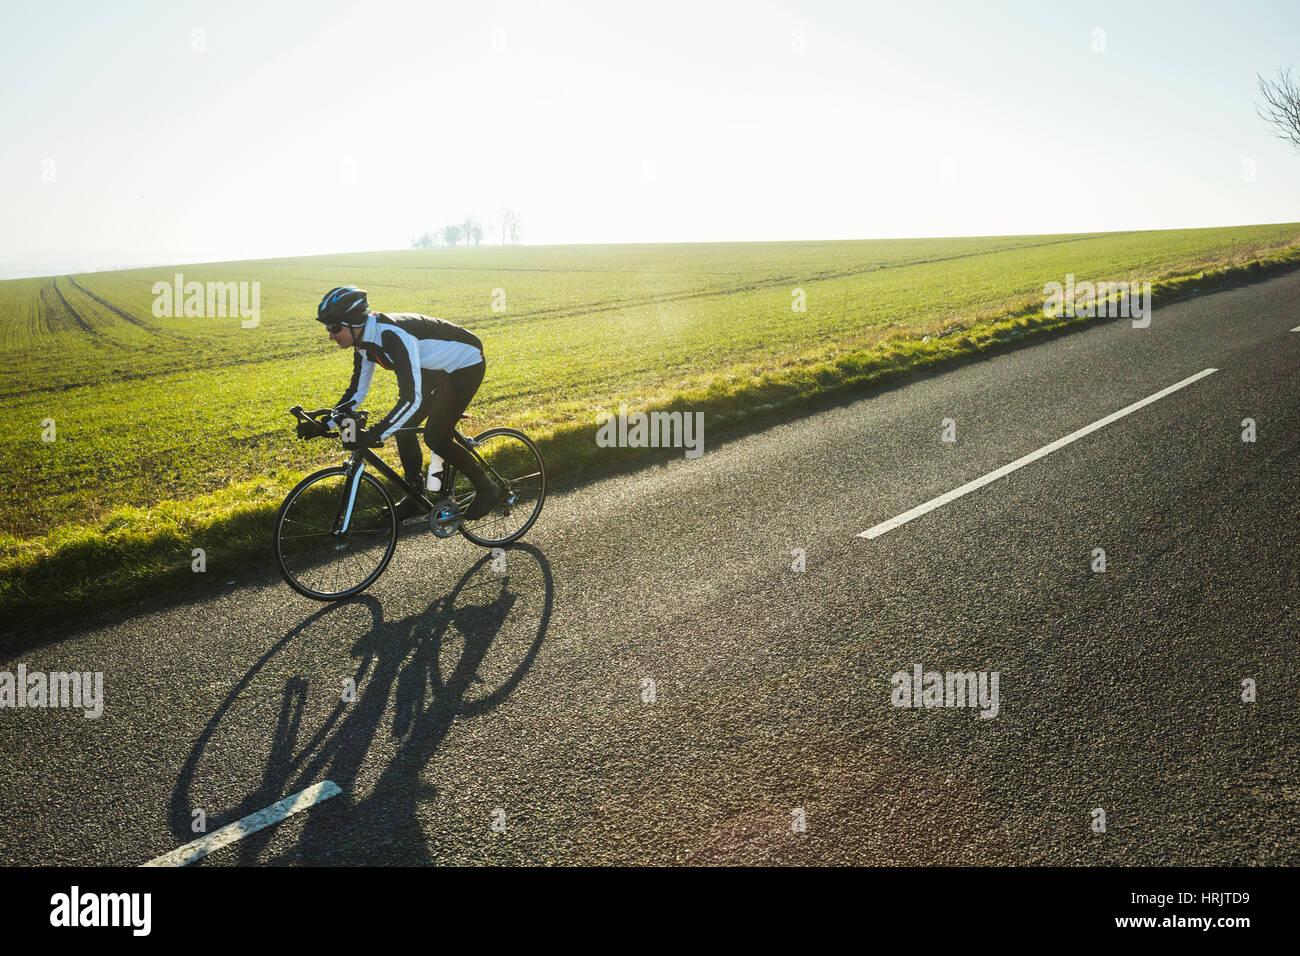 Un ciclista a cavallo, lungo una strada di campagna su una chiara soleggiata giornata invernale. Ombra sulla superficie della strada. Foto Stock